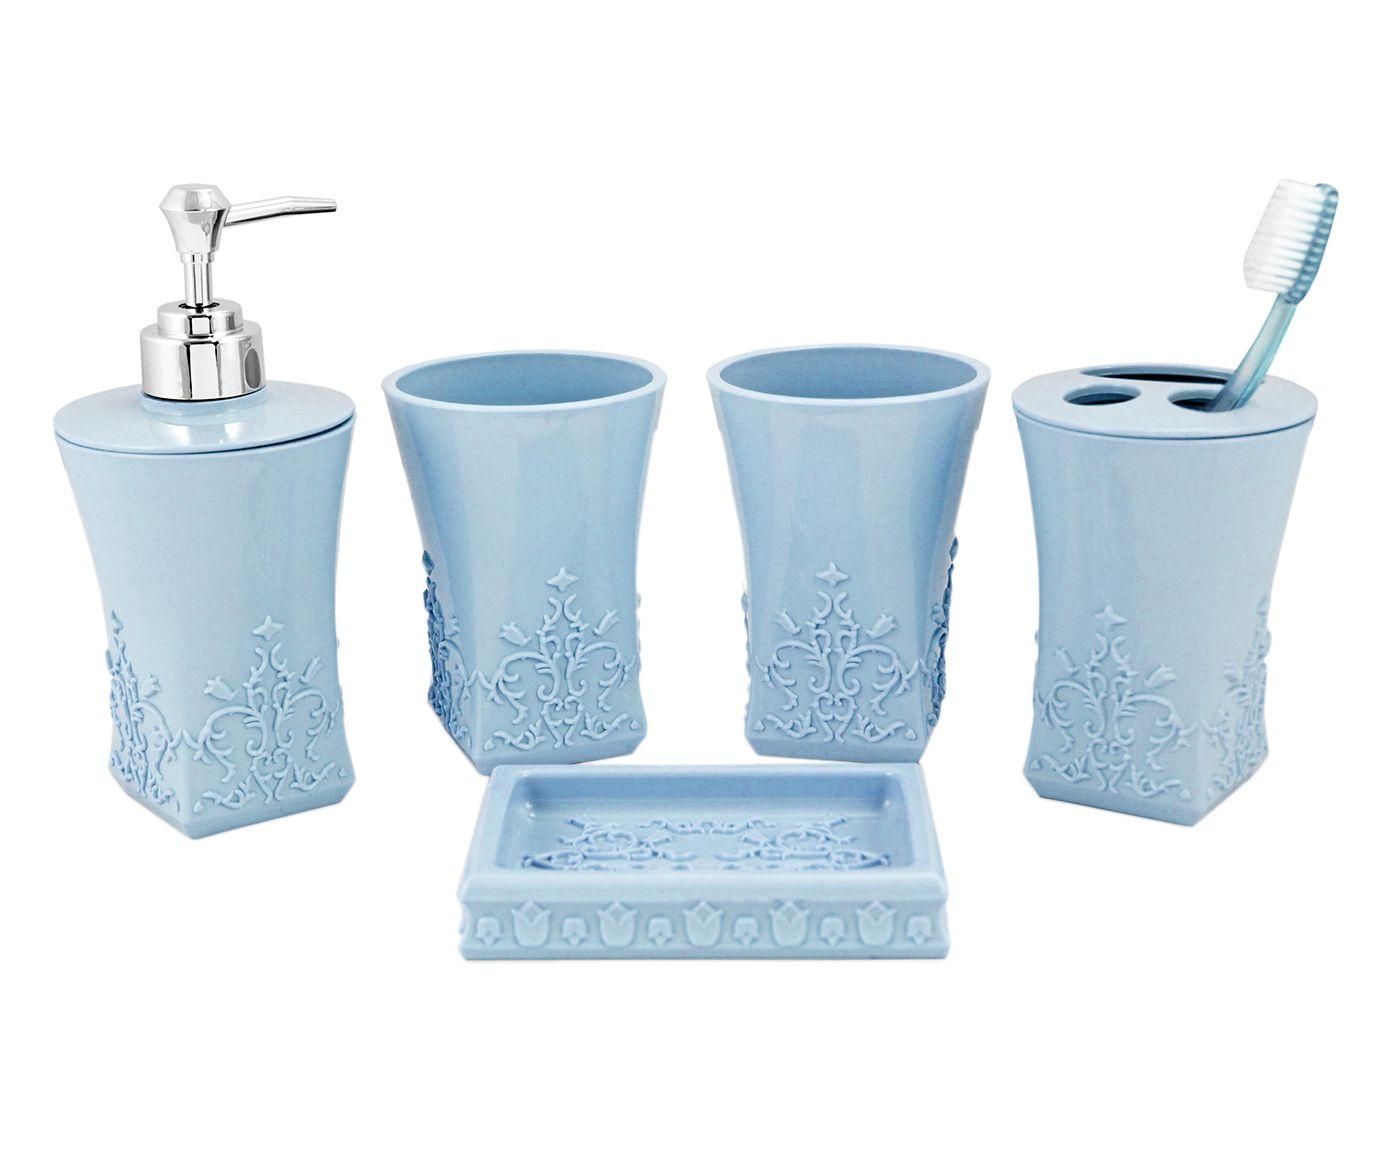 Jogo para Bancada Lifestyle Arabesc - Azul   Westwing.com.br